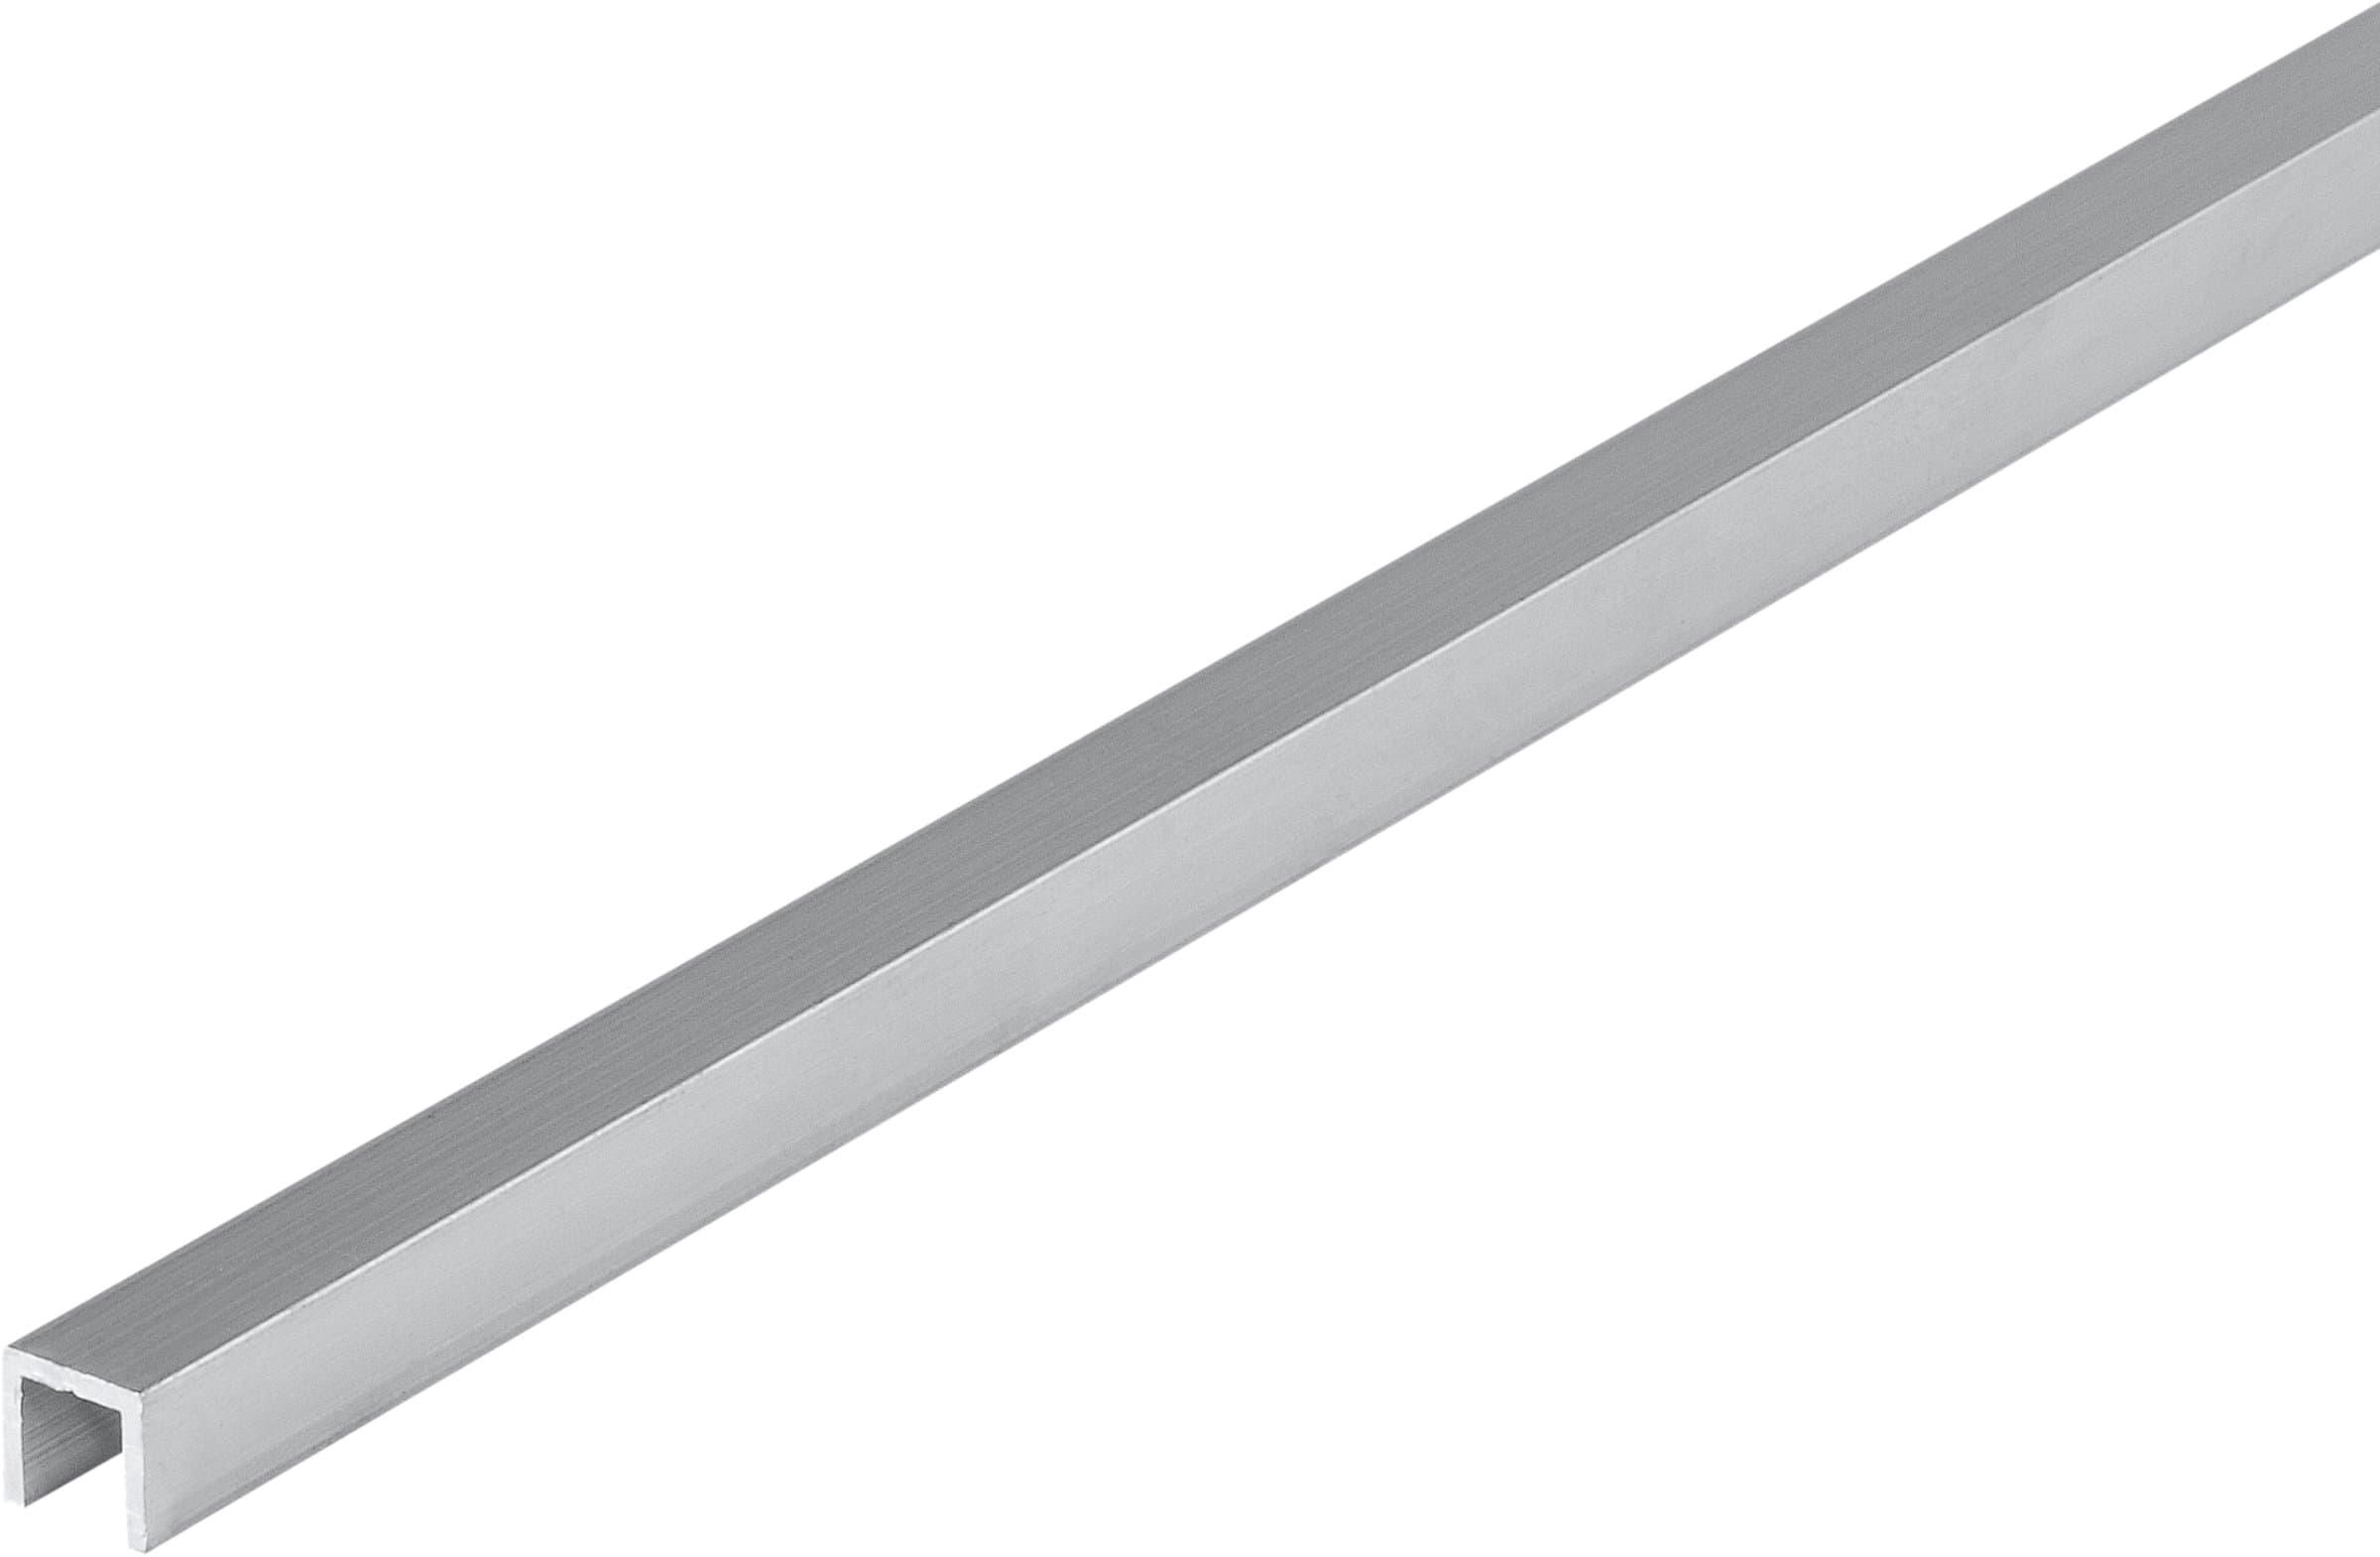 alfer Quadrat-U 1 x 7.5 mm blank 1 m